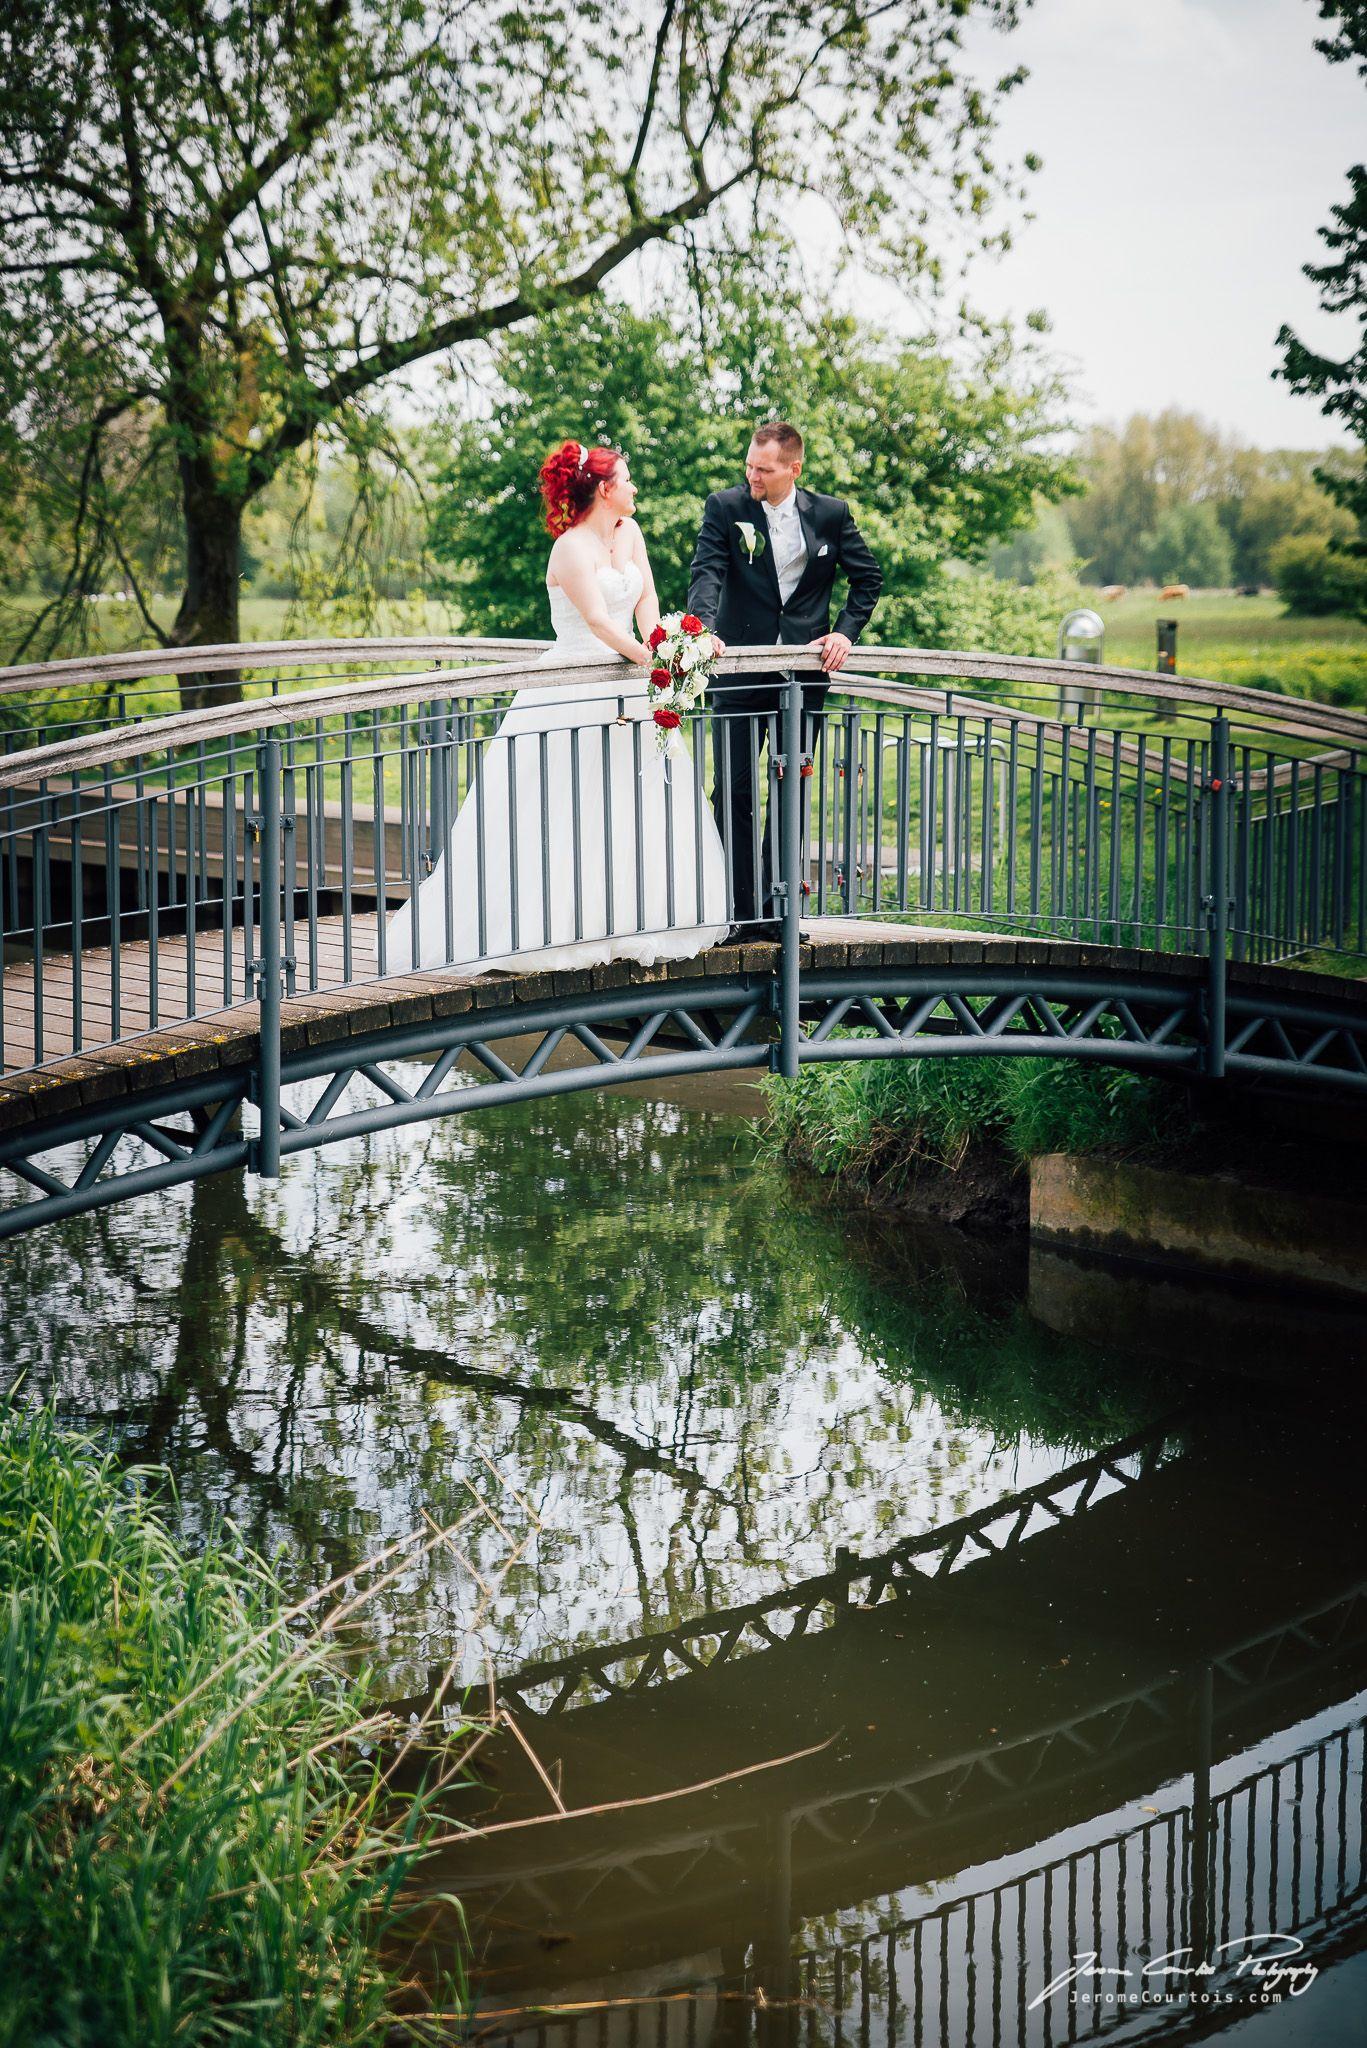 Hochzeitsfotografie: Braut & Bräutigam auf einer Brücke am Schloss ...